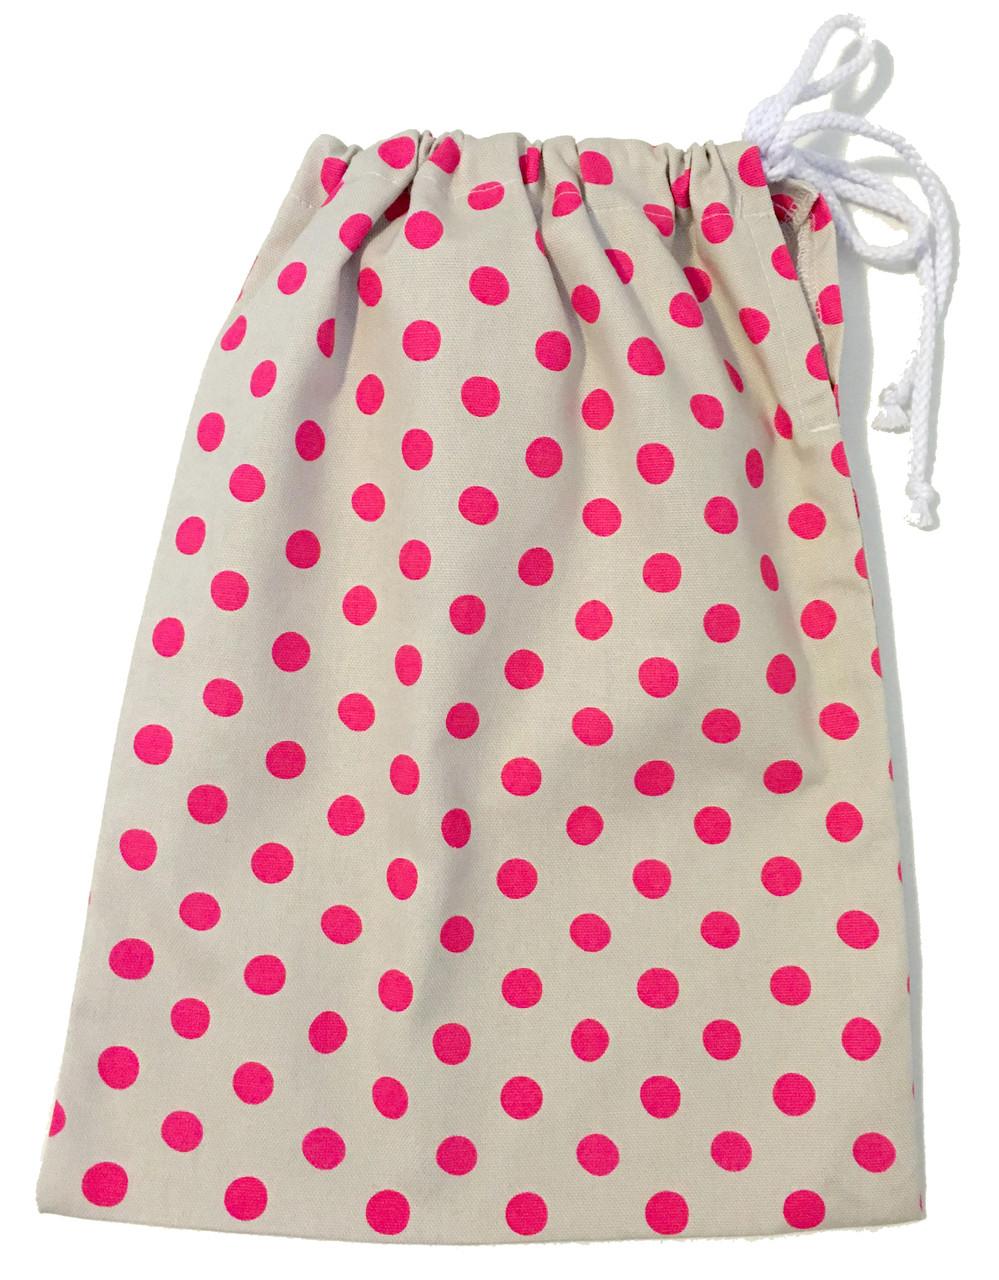 Neon pink polkadot gift bag